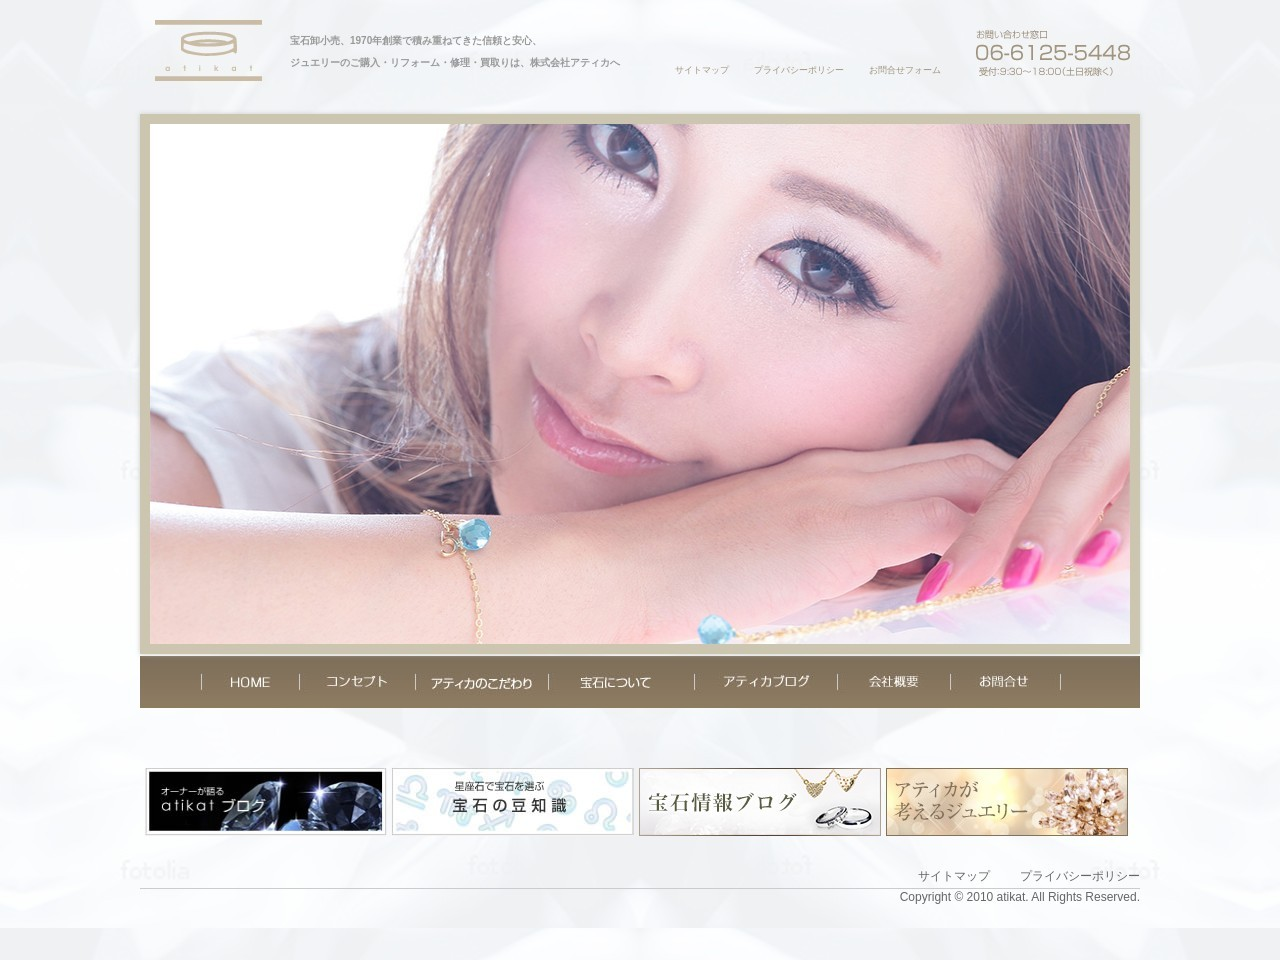 宝石卸売・ジュエリーケース卸売|株式会社アティカ